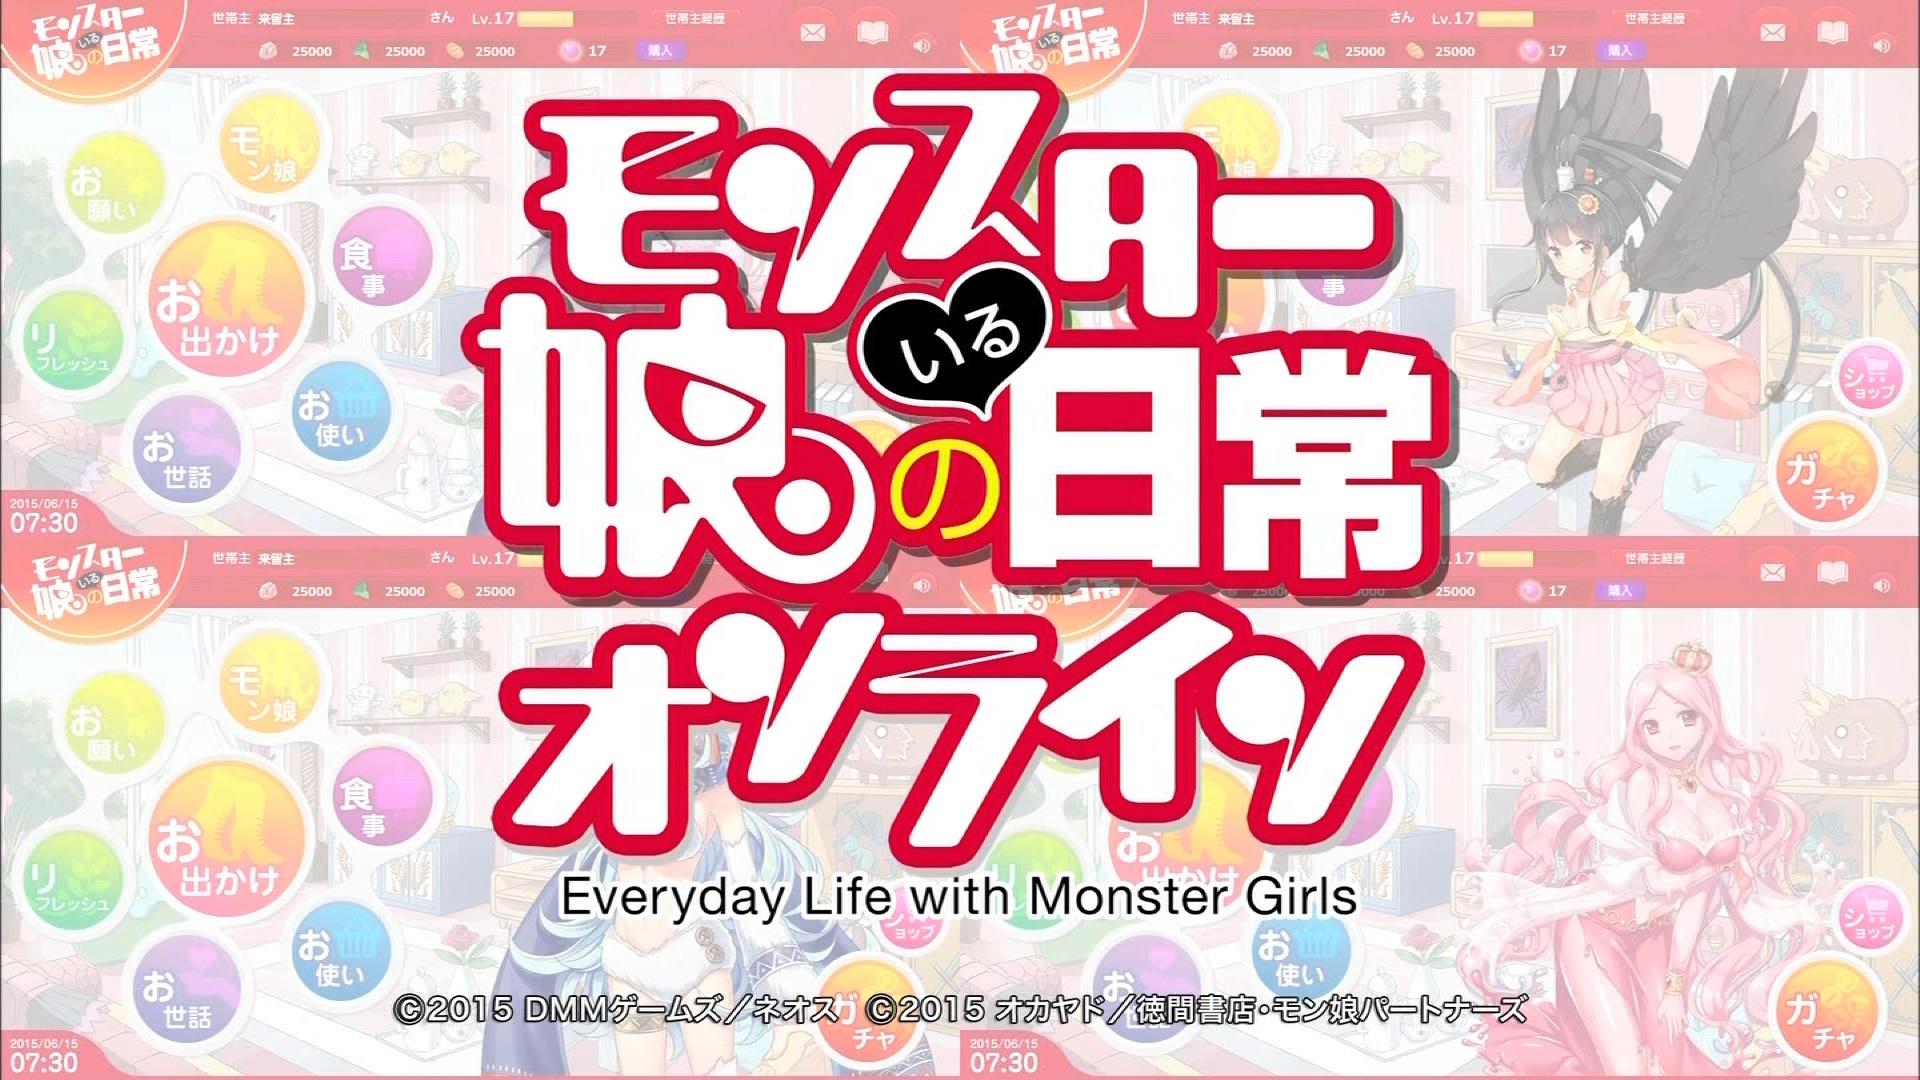 基本無料のブラウザコミュニケーションゲーム 『モンスター娘のいる日常オンライン』